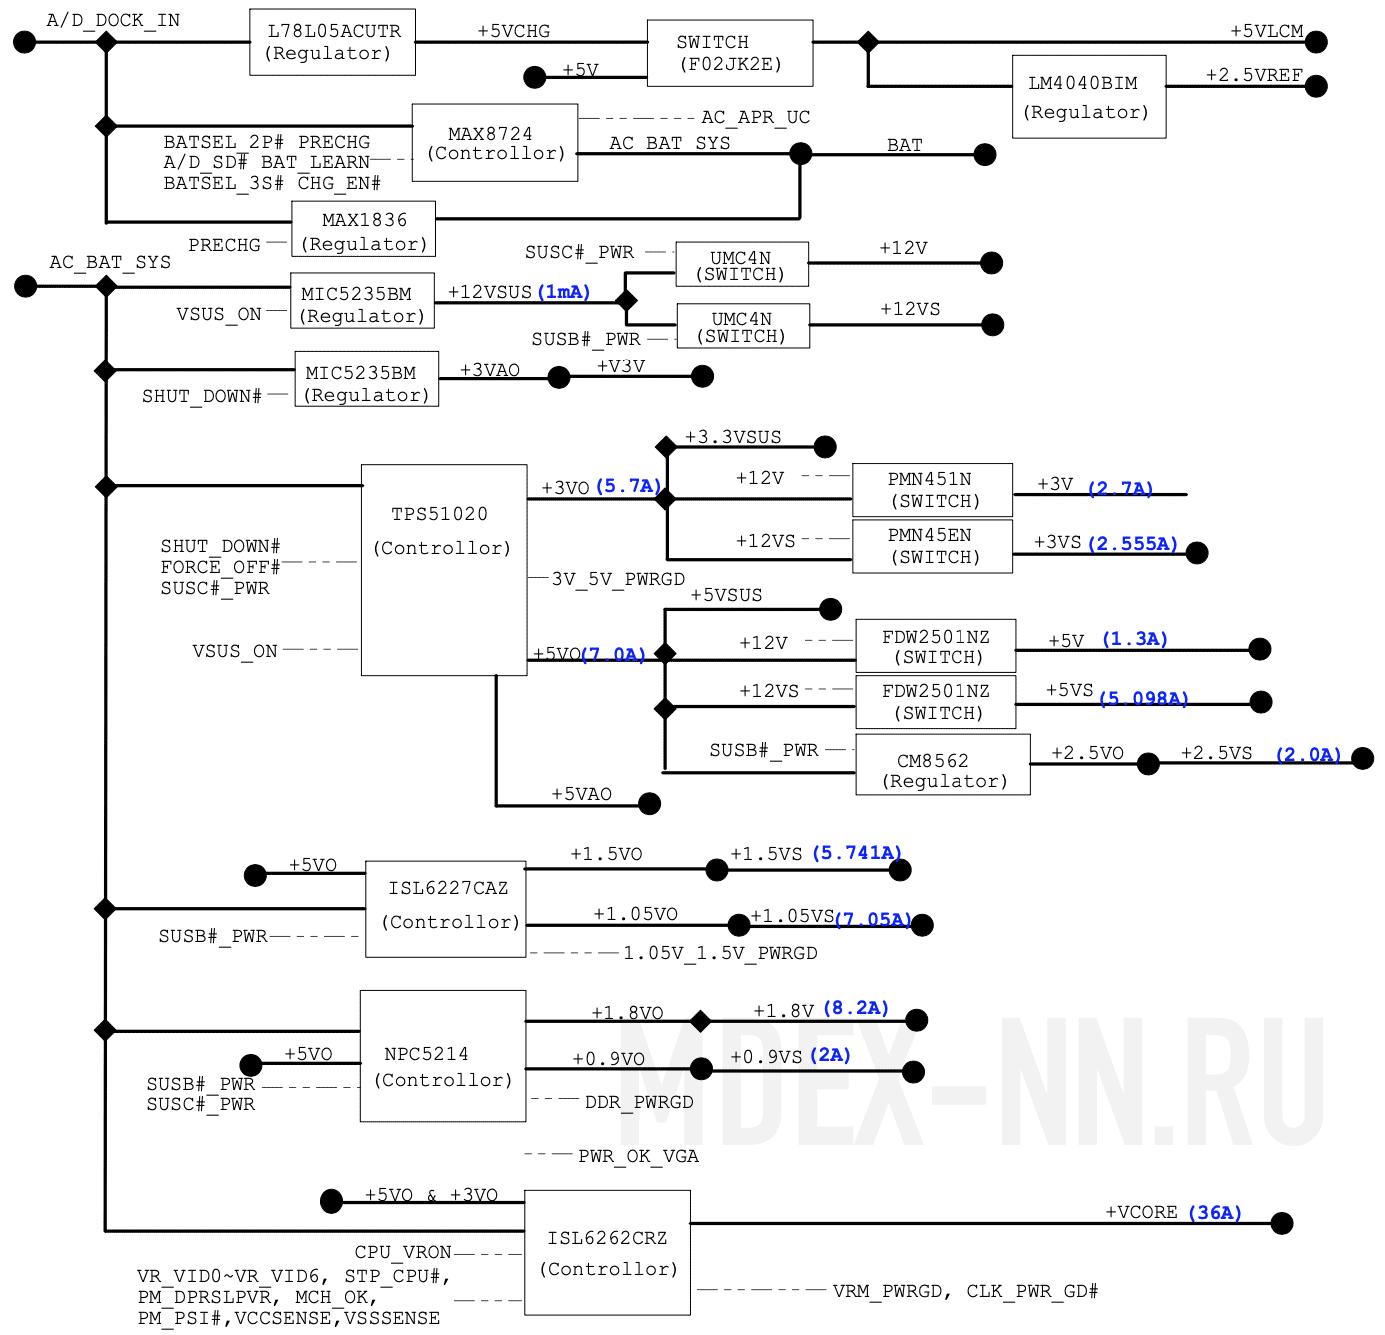 Детальная схема распределения напряжений POWER On Sequence ноутбука ASUS A6F